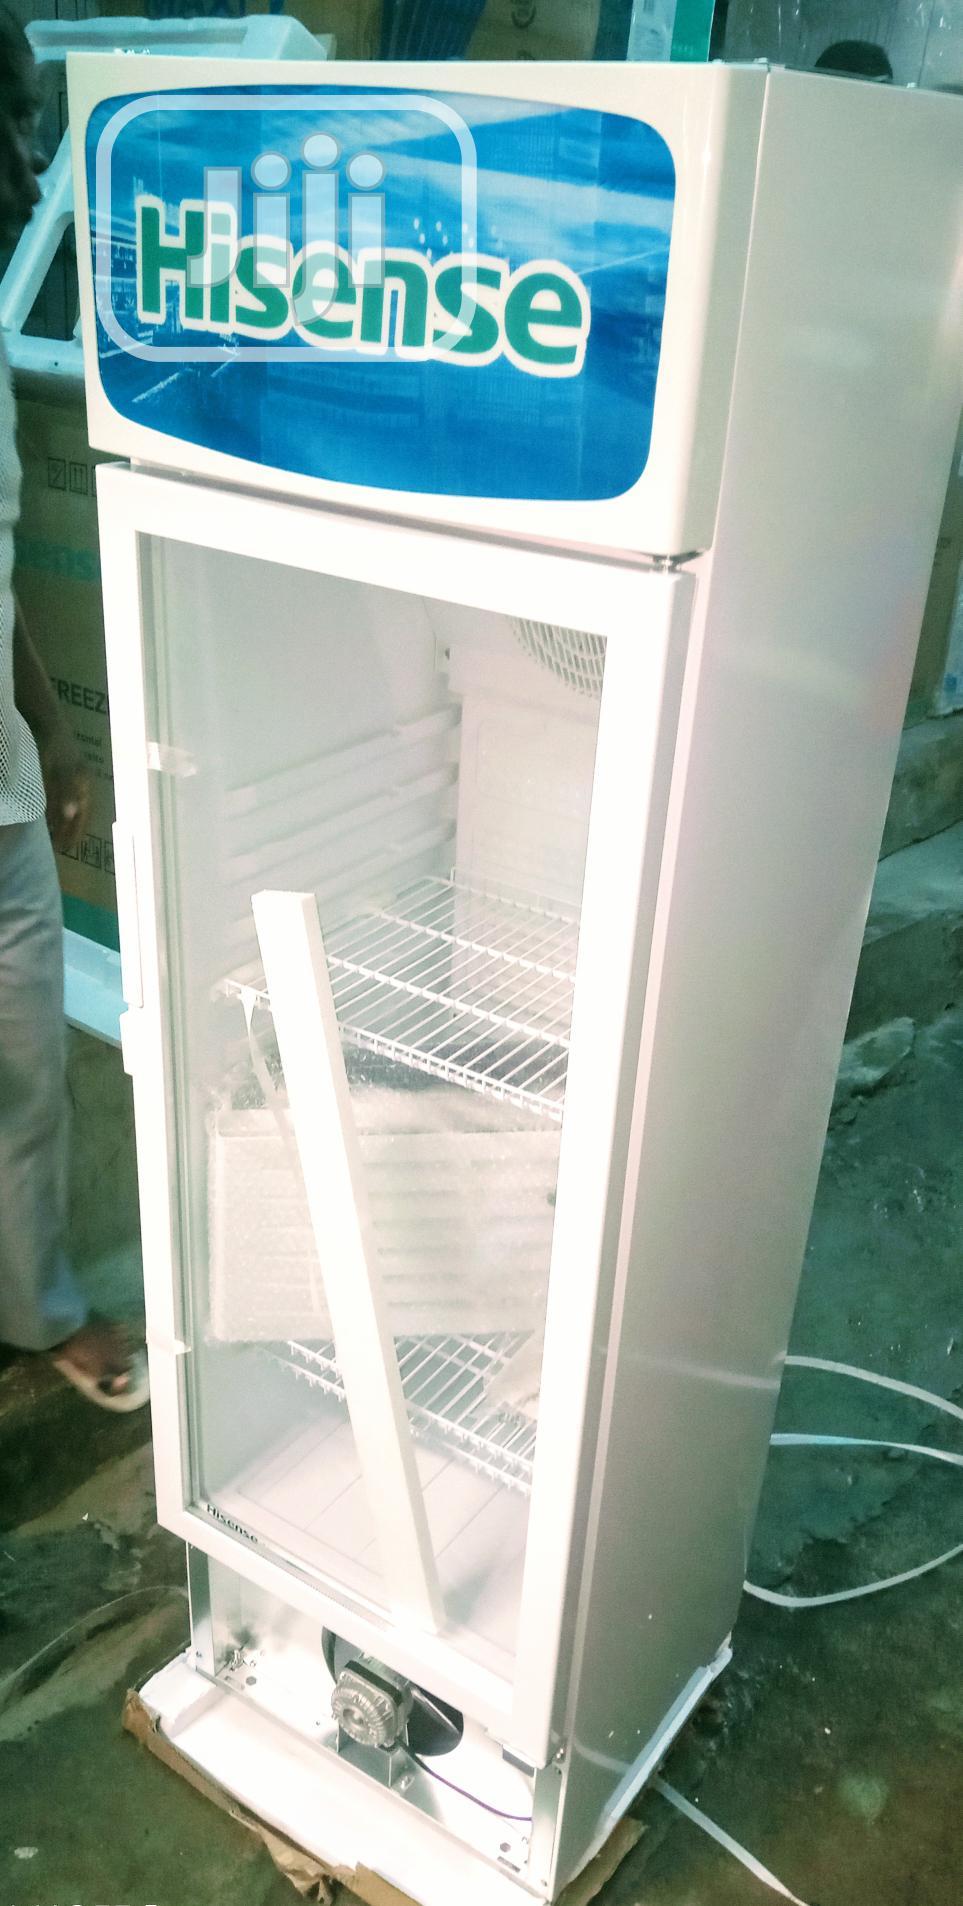 Hisense Chiller Standing Show Case 350L + Auto Cool